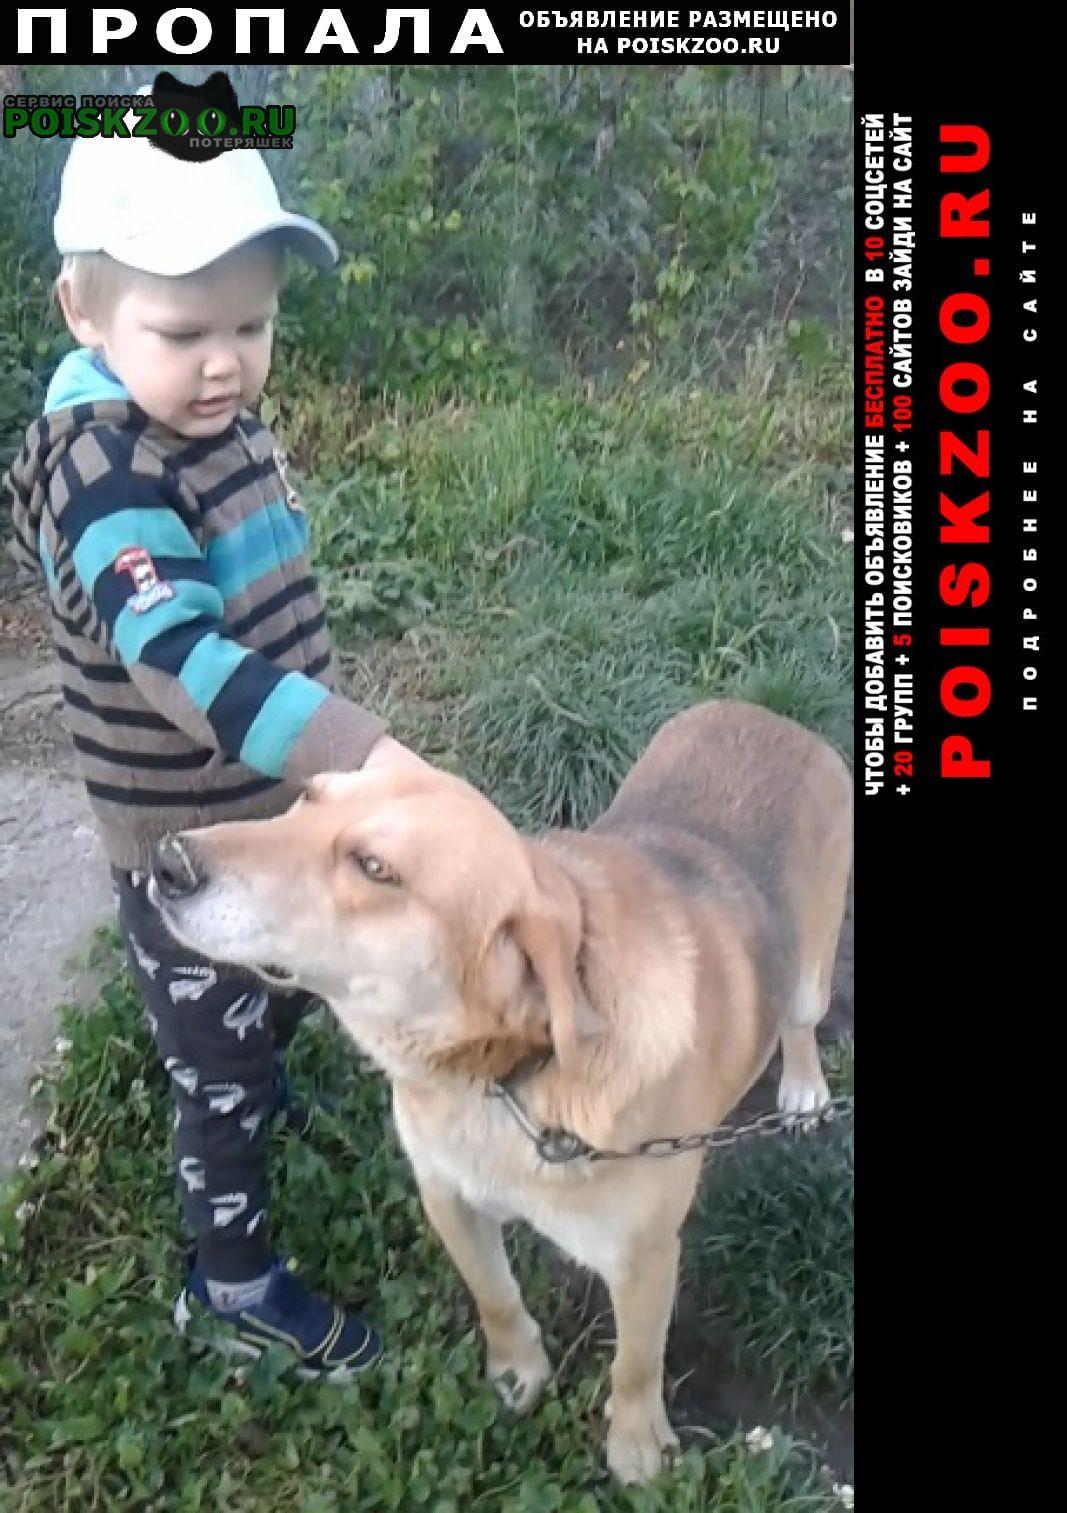 Апшеронск Пропала собака русская гончая (охотничья)